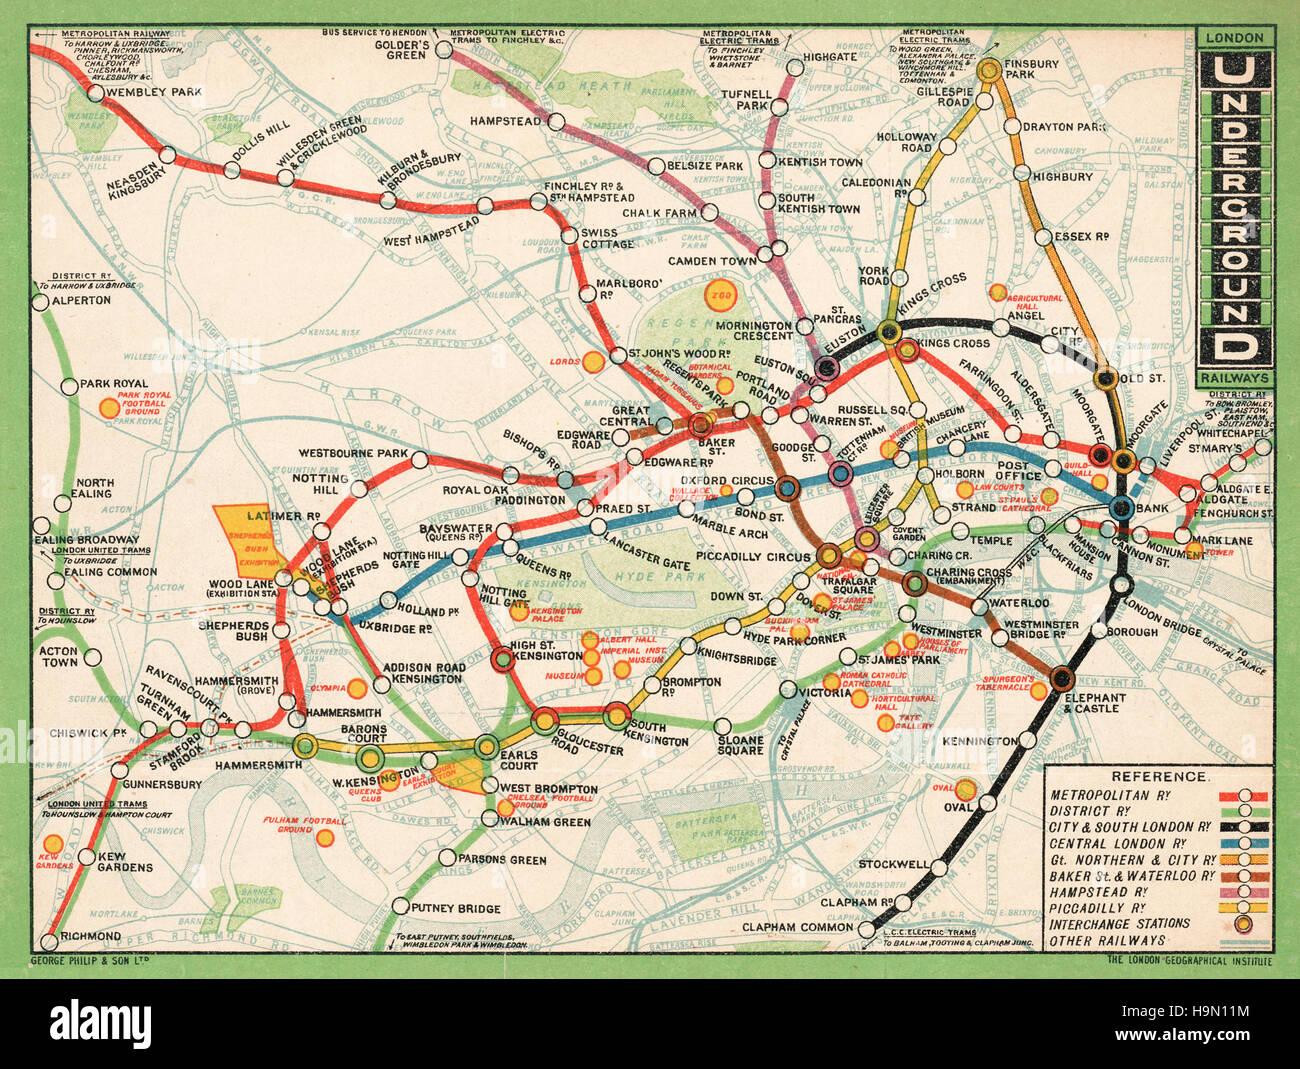 1912 london underground map stock image